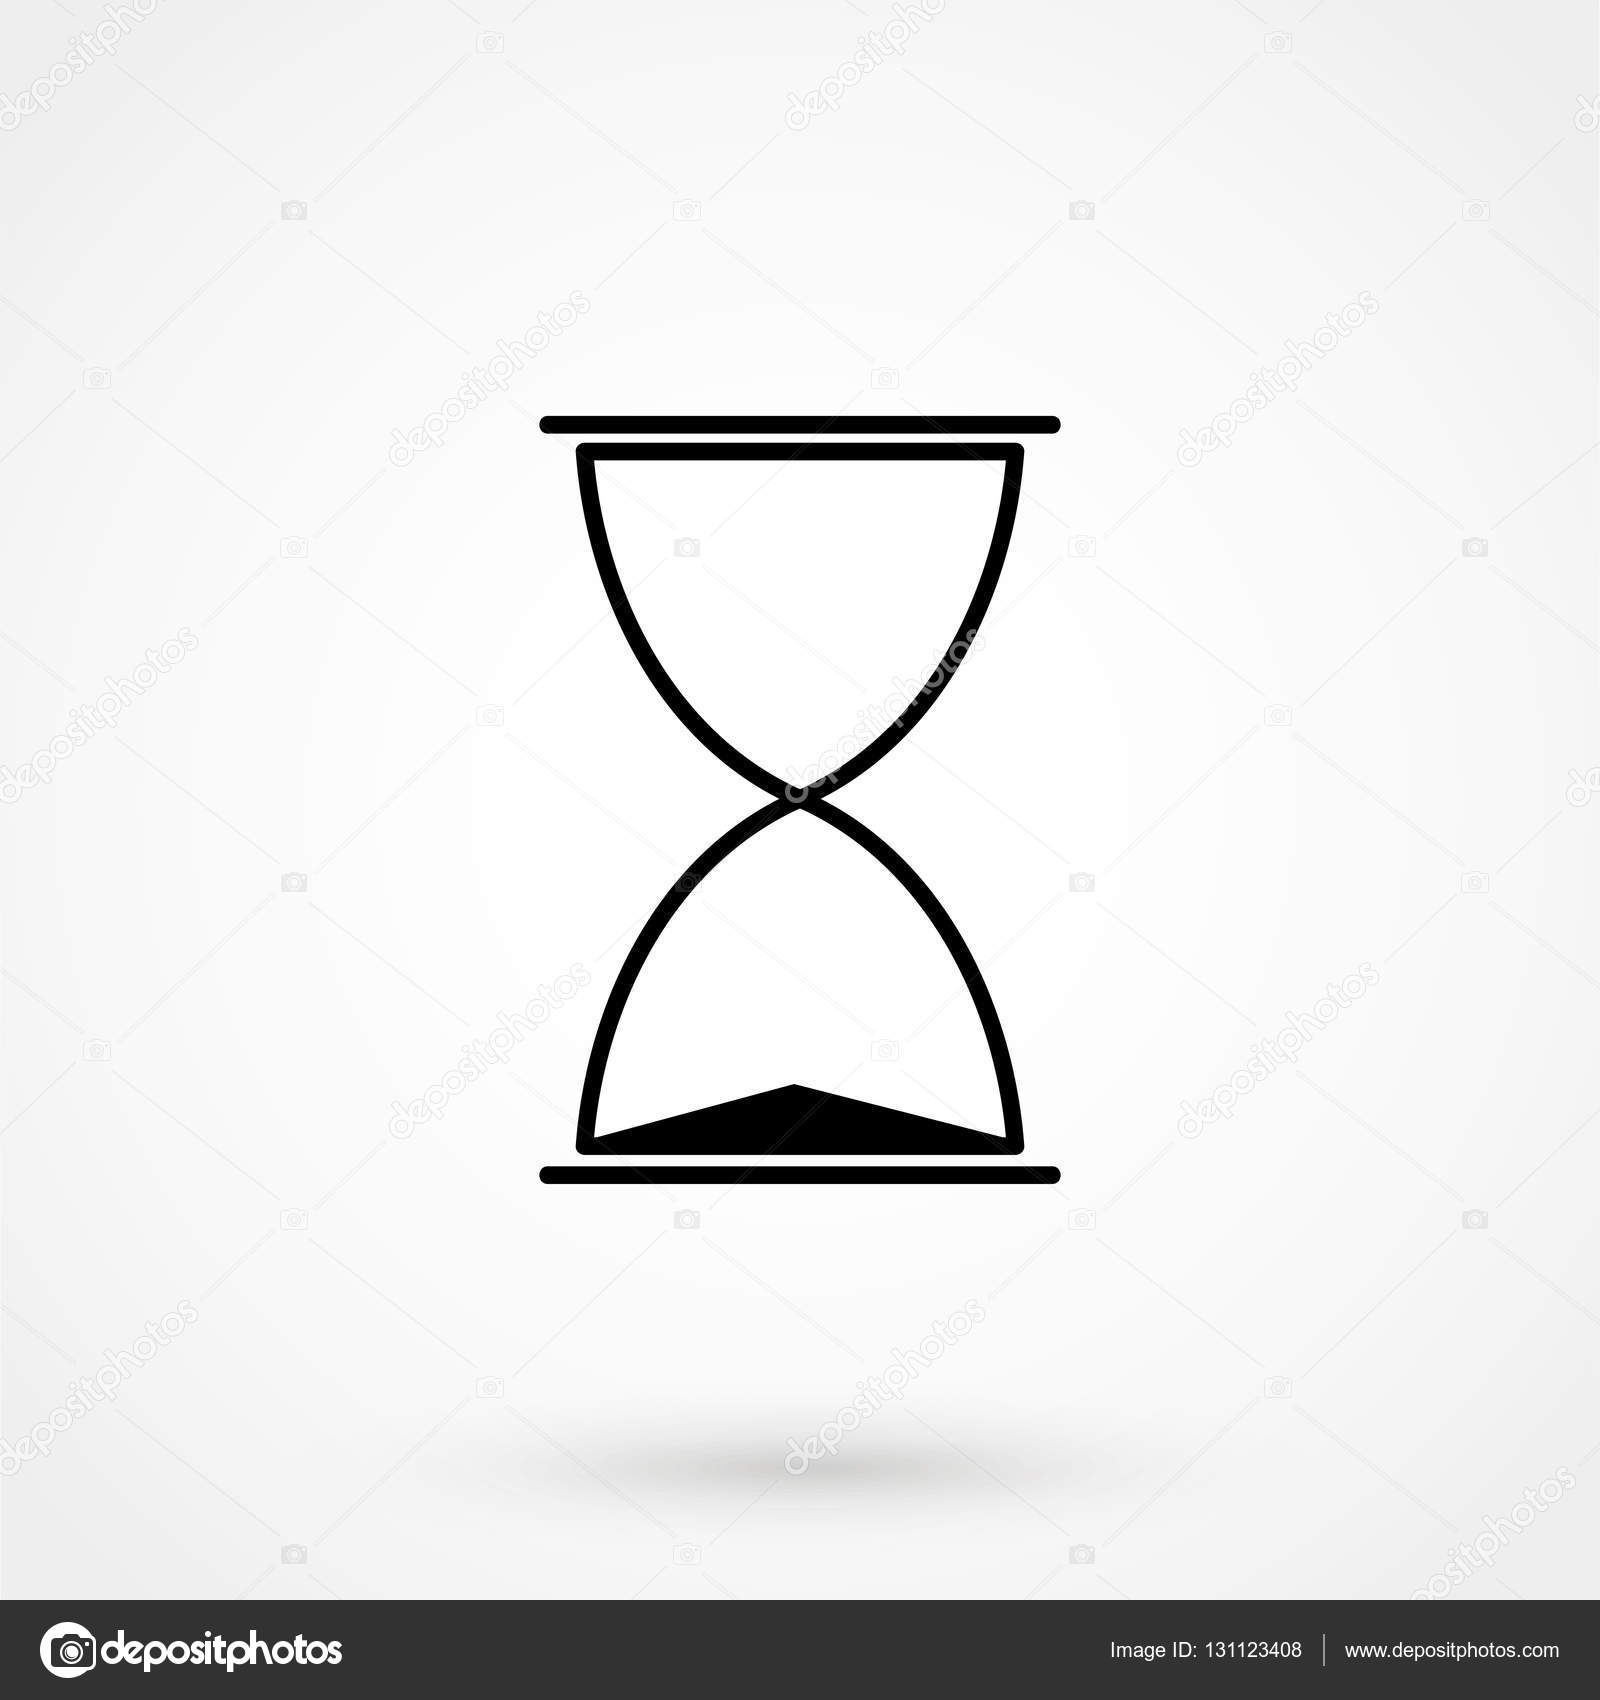 Sanduhr icon  Vektor Icon schlichtes Design auf einem weißen Hintergrund. Vektor ...